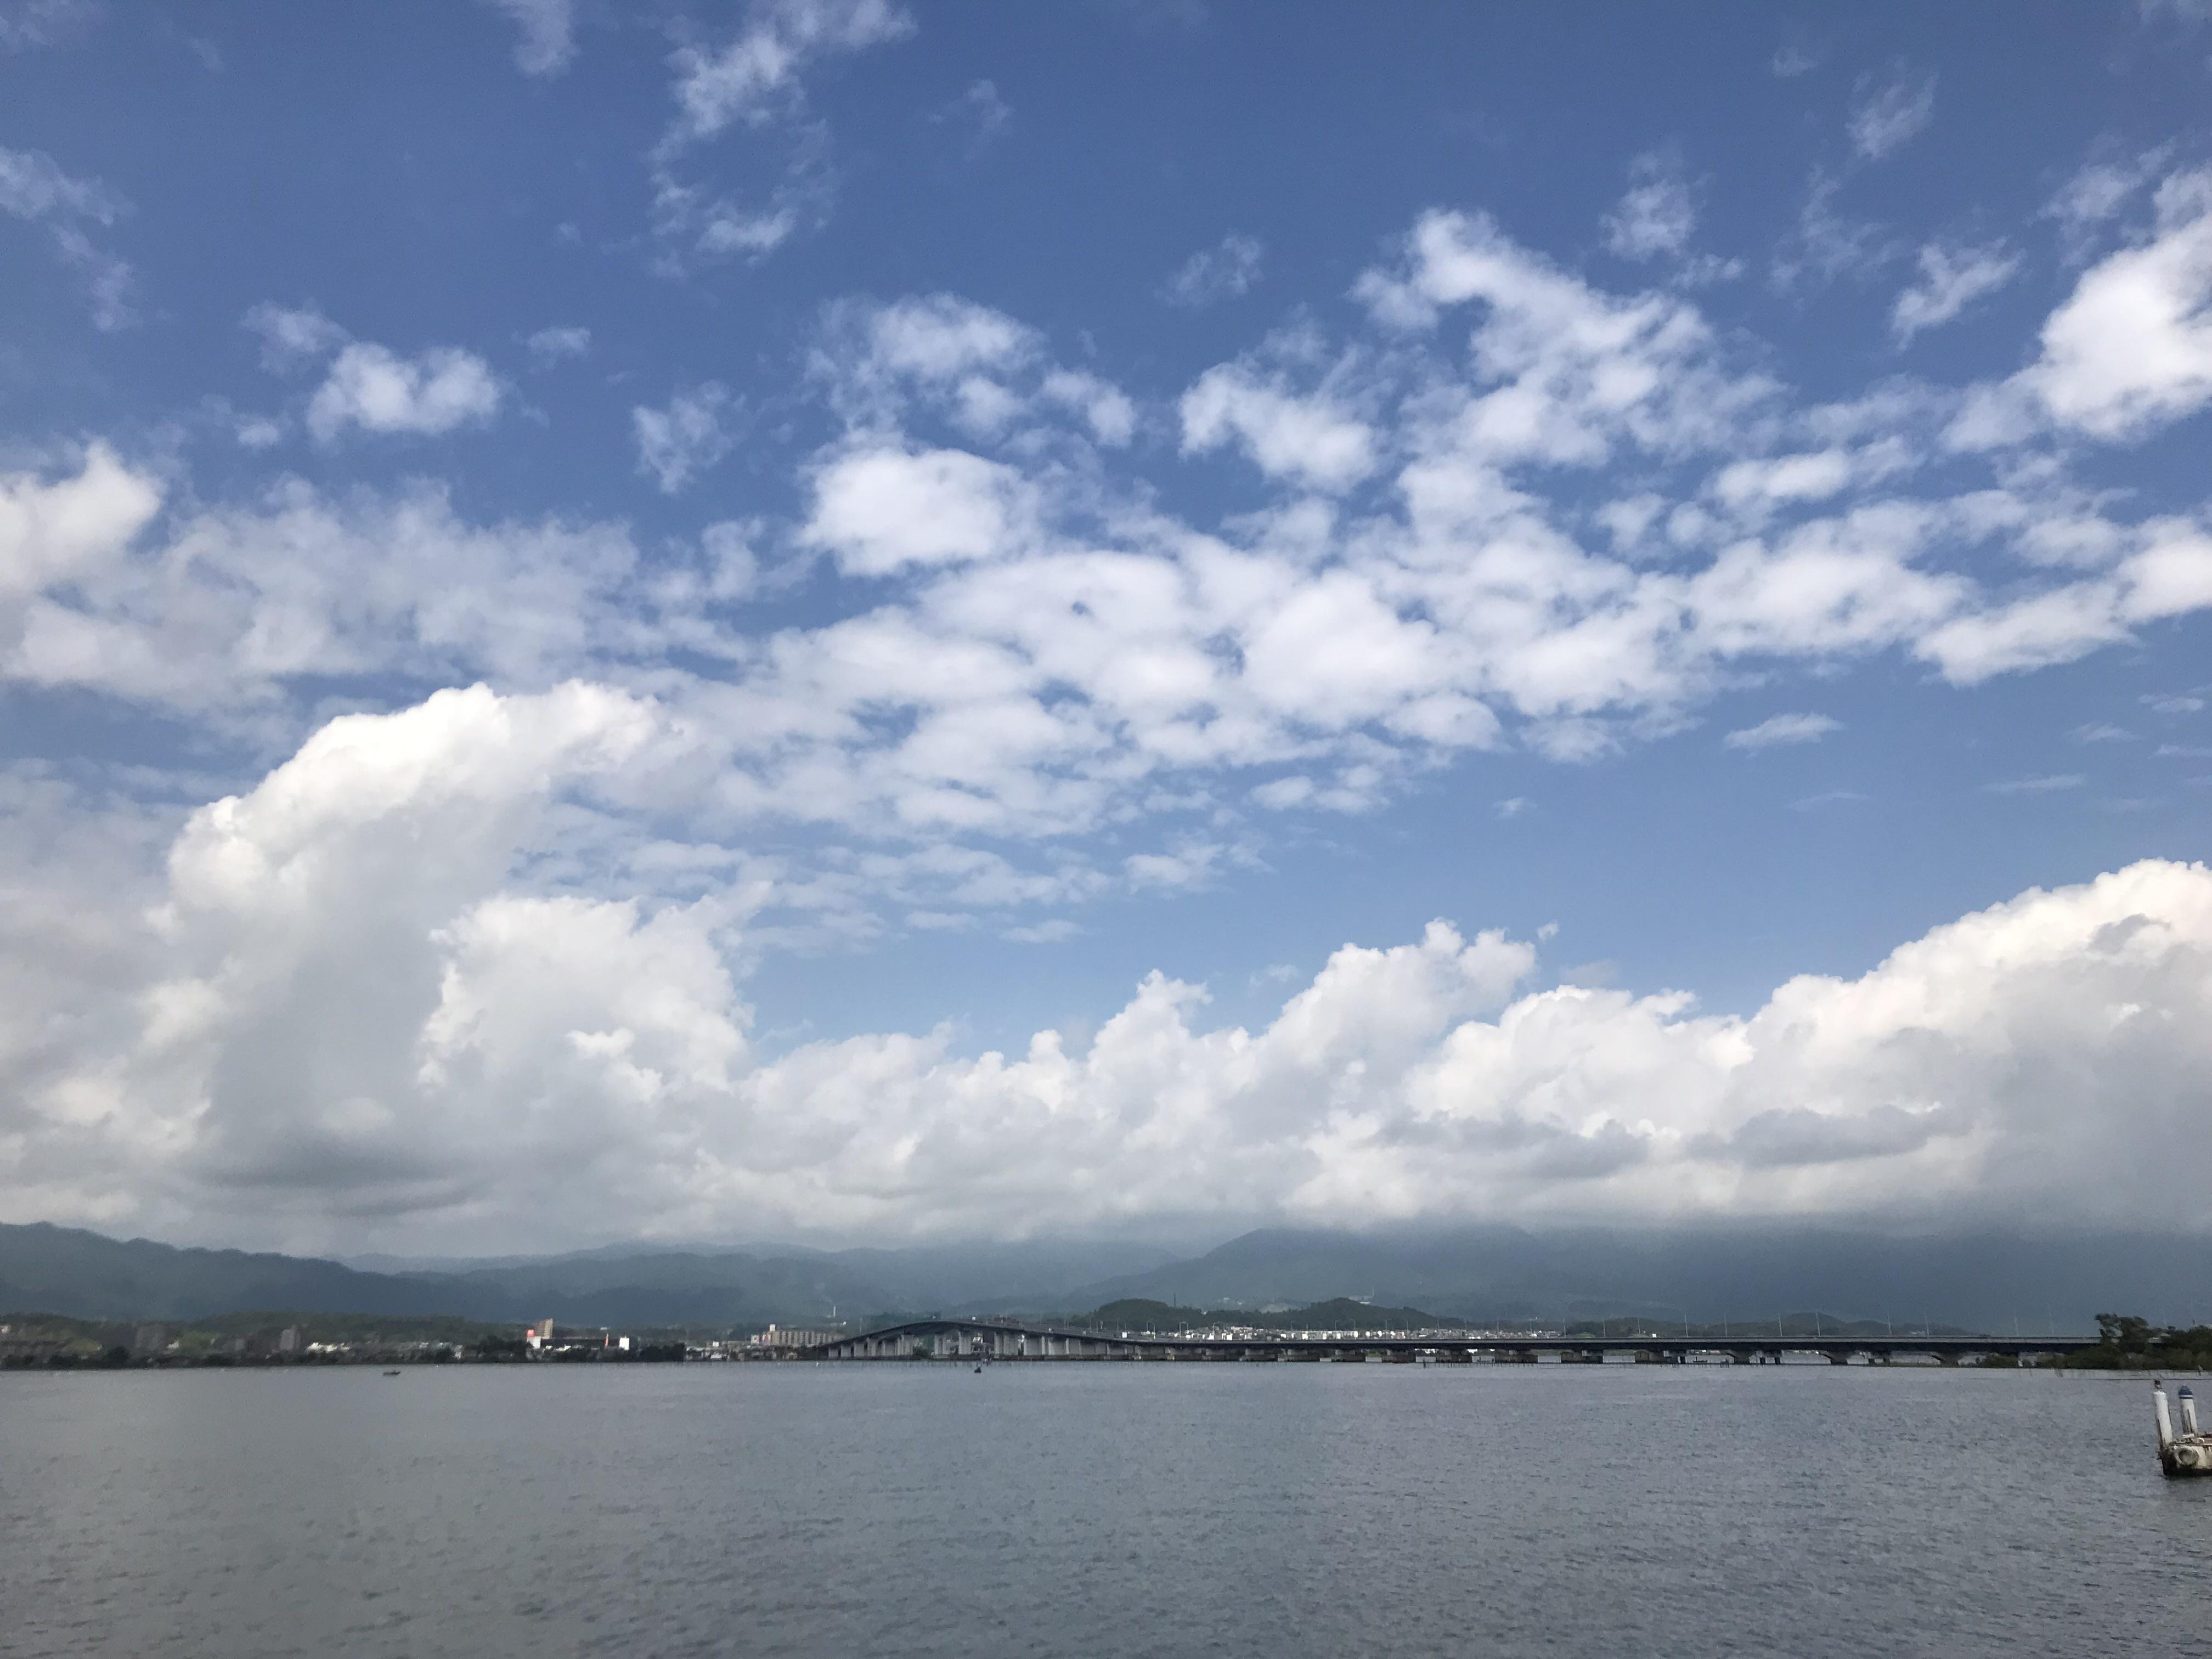 ハーレーとカワサキで行く近江八幡ツーリング 琵琶湖大橋